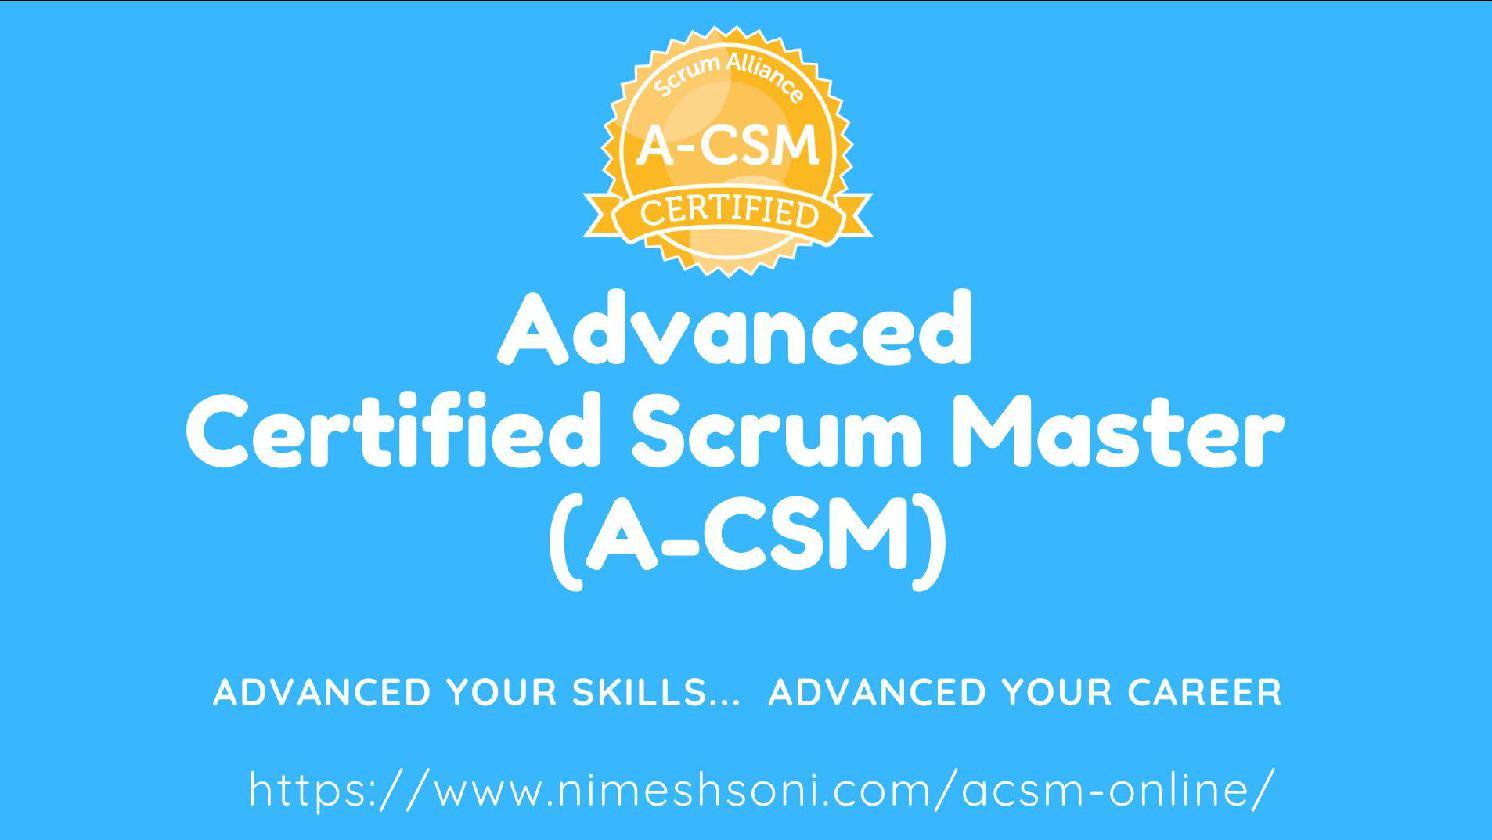 Advanced Certified ScrumMaster (A-CSM)